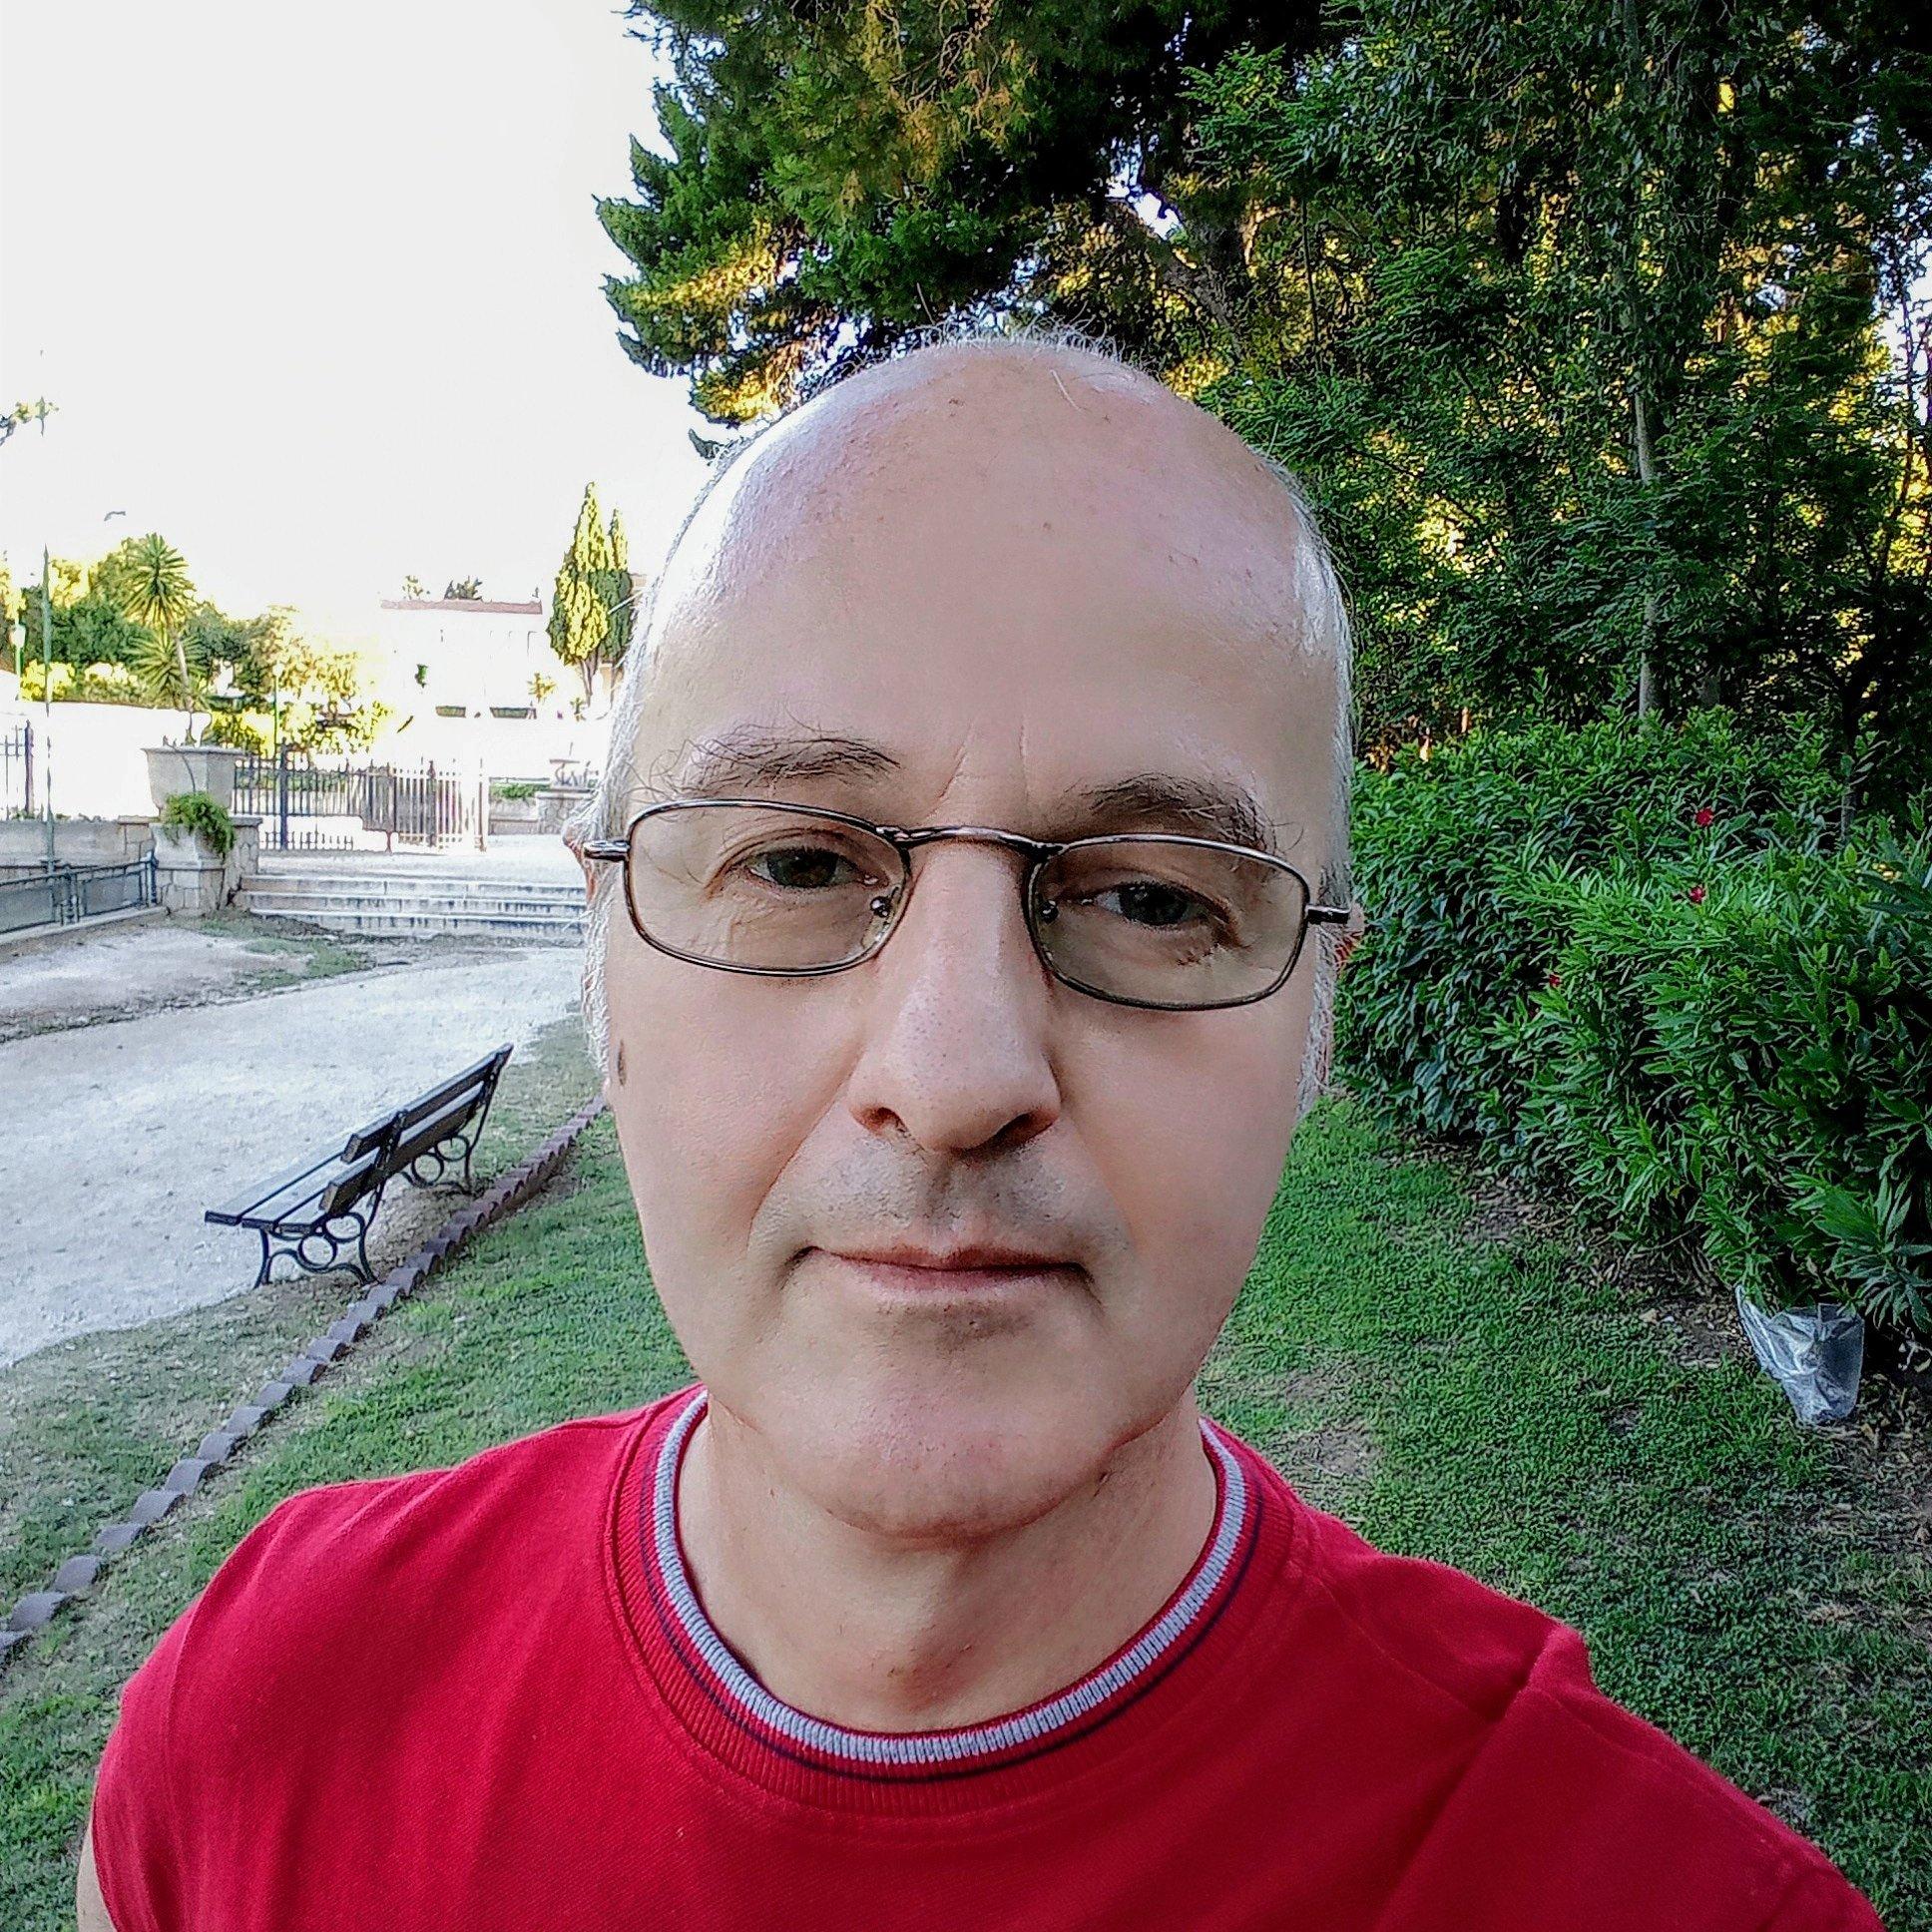 ΑΘΑΝΑΣΙΟΣ ΚΟΛΛΥΡΗΣ : Social Media Manager, Content Manager, UX Designer